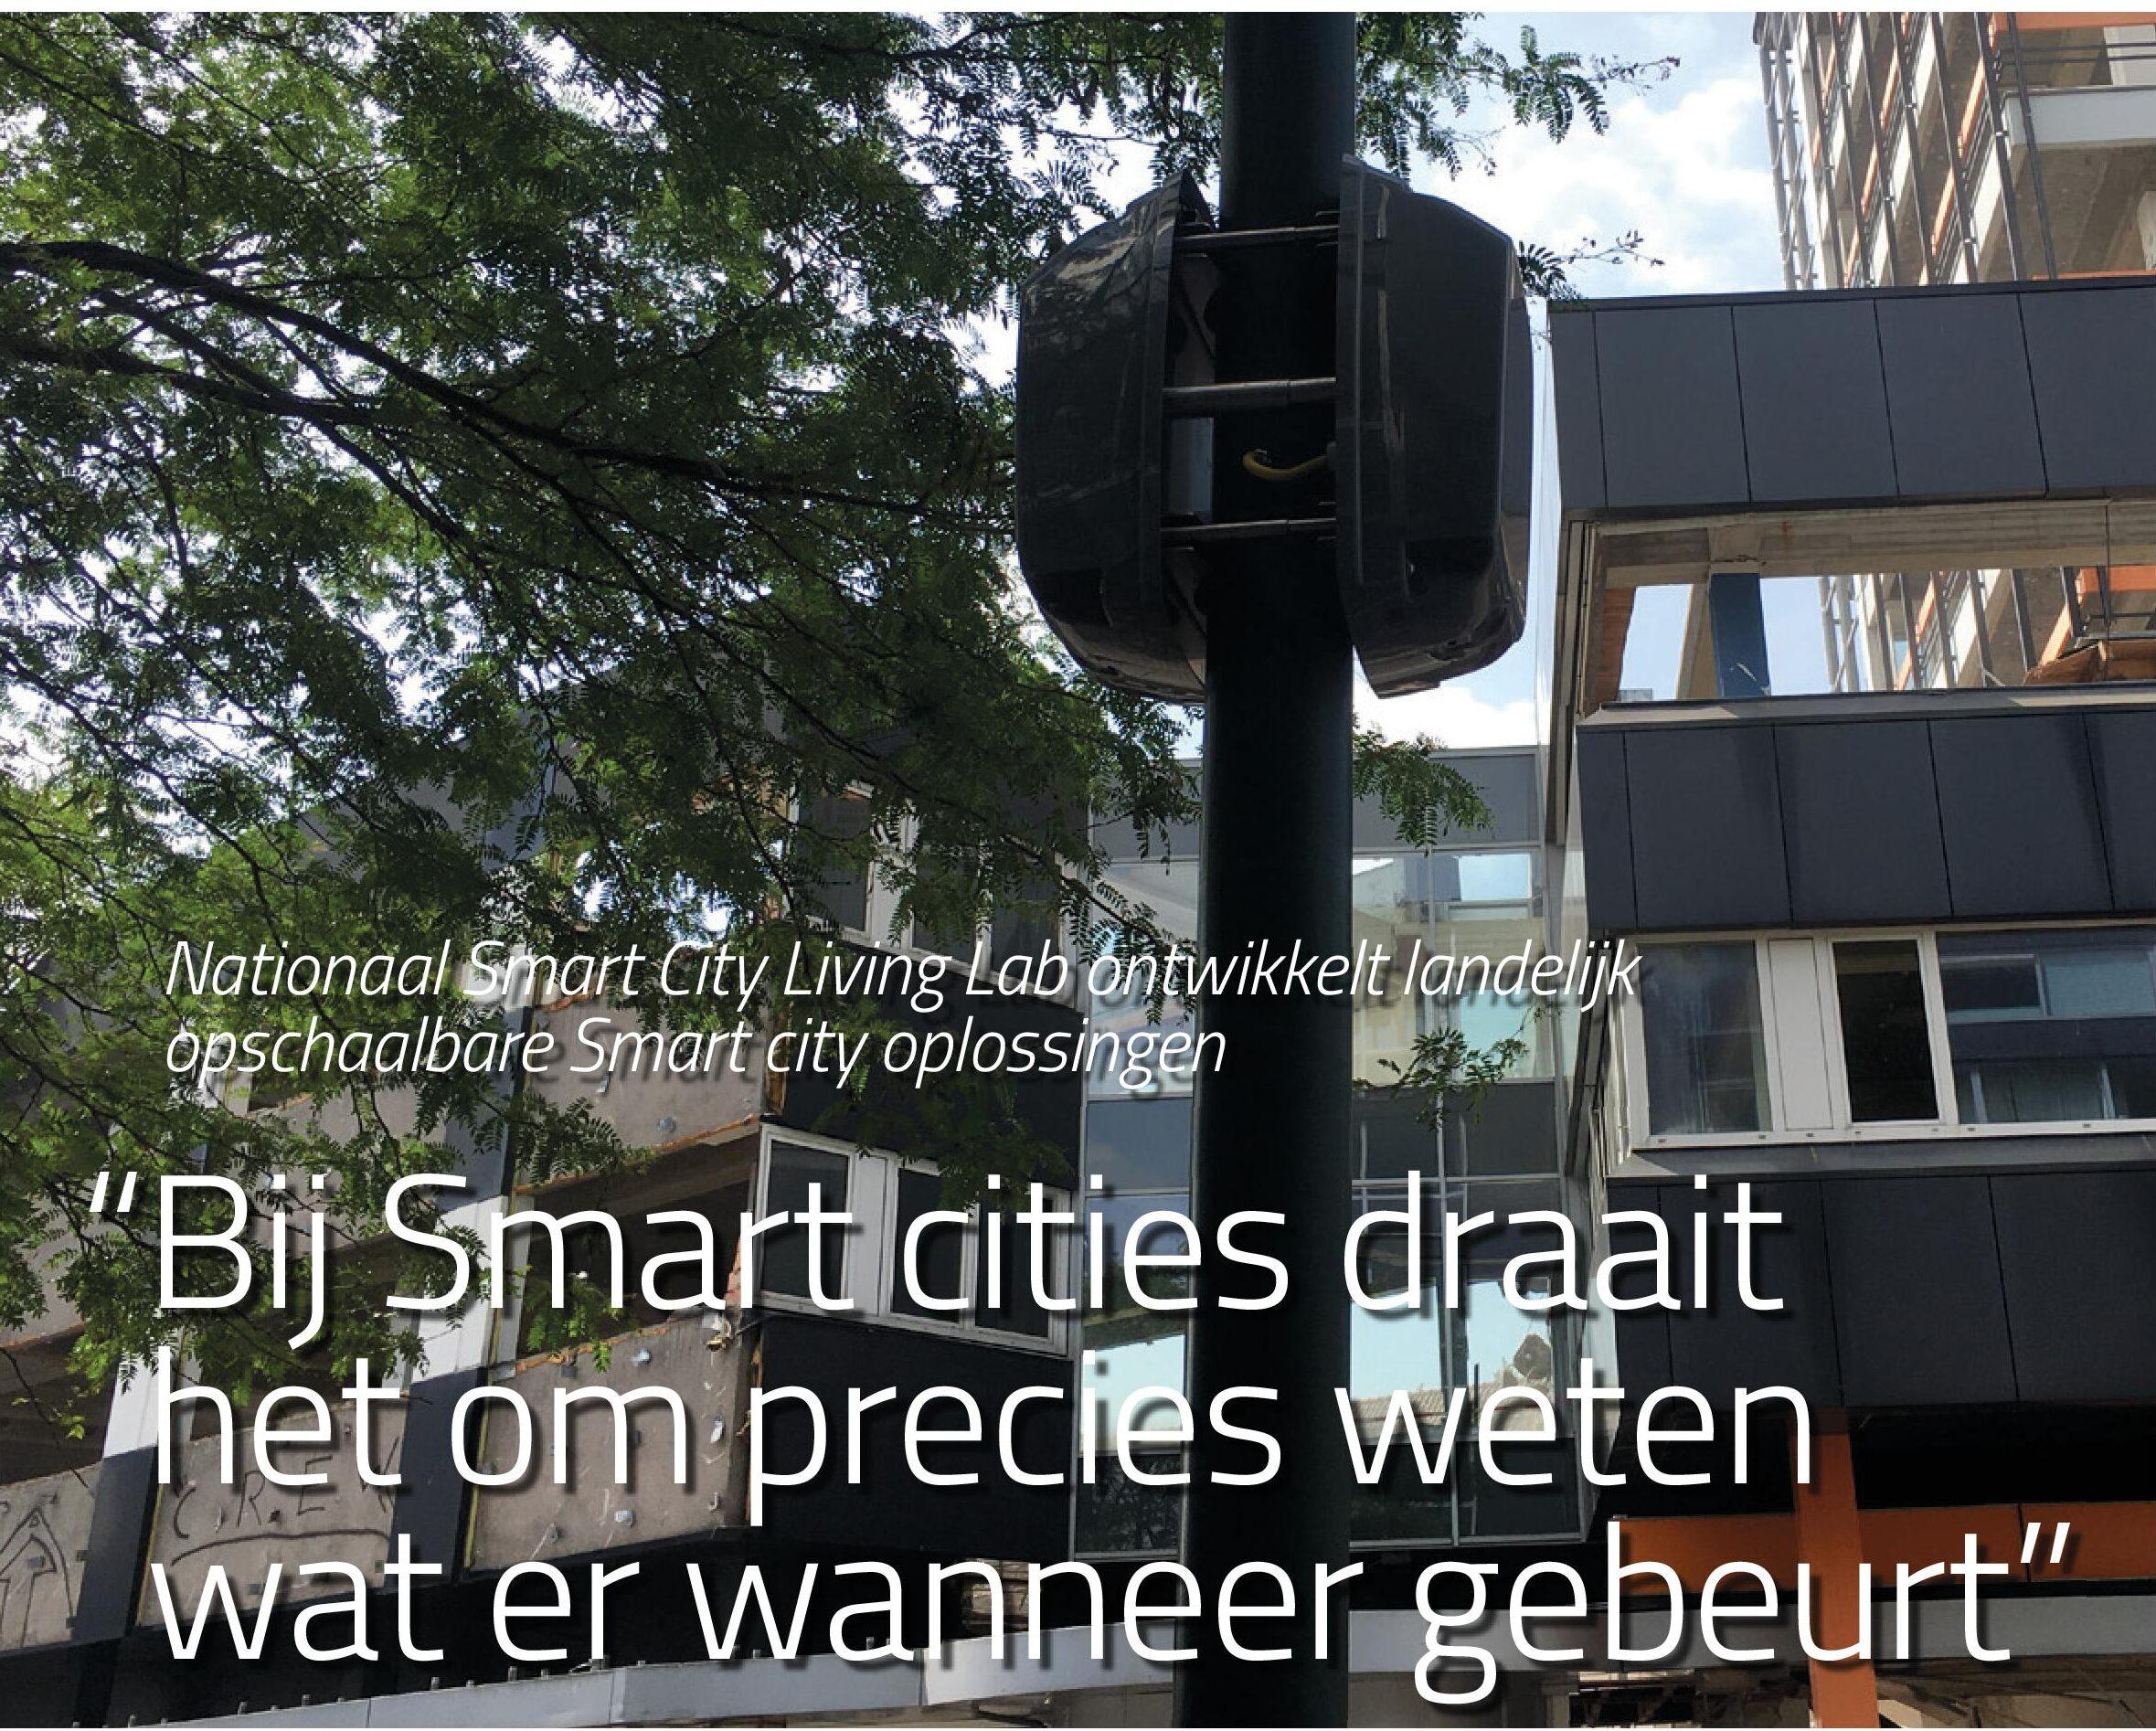 Nationaal Smart City Living Lab ontwikkelt landelijk opschaalbare Smart city oplossingen